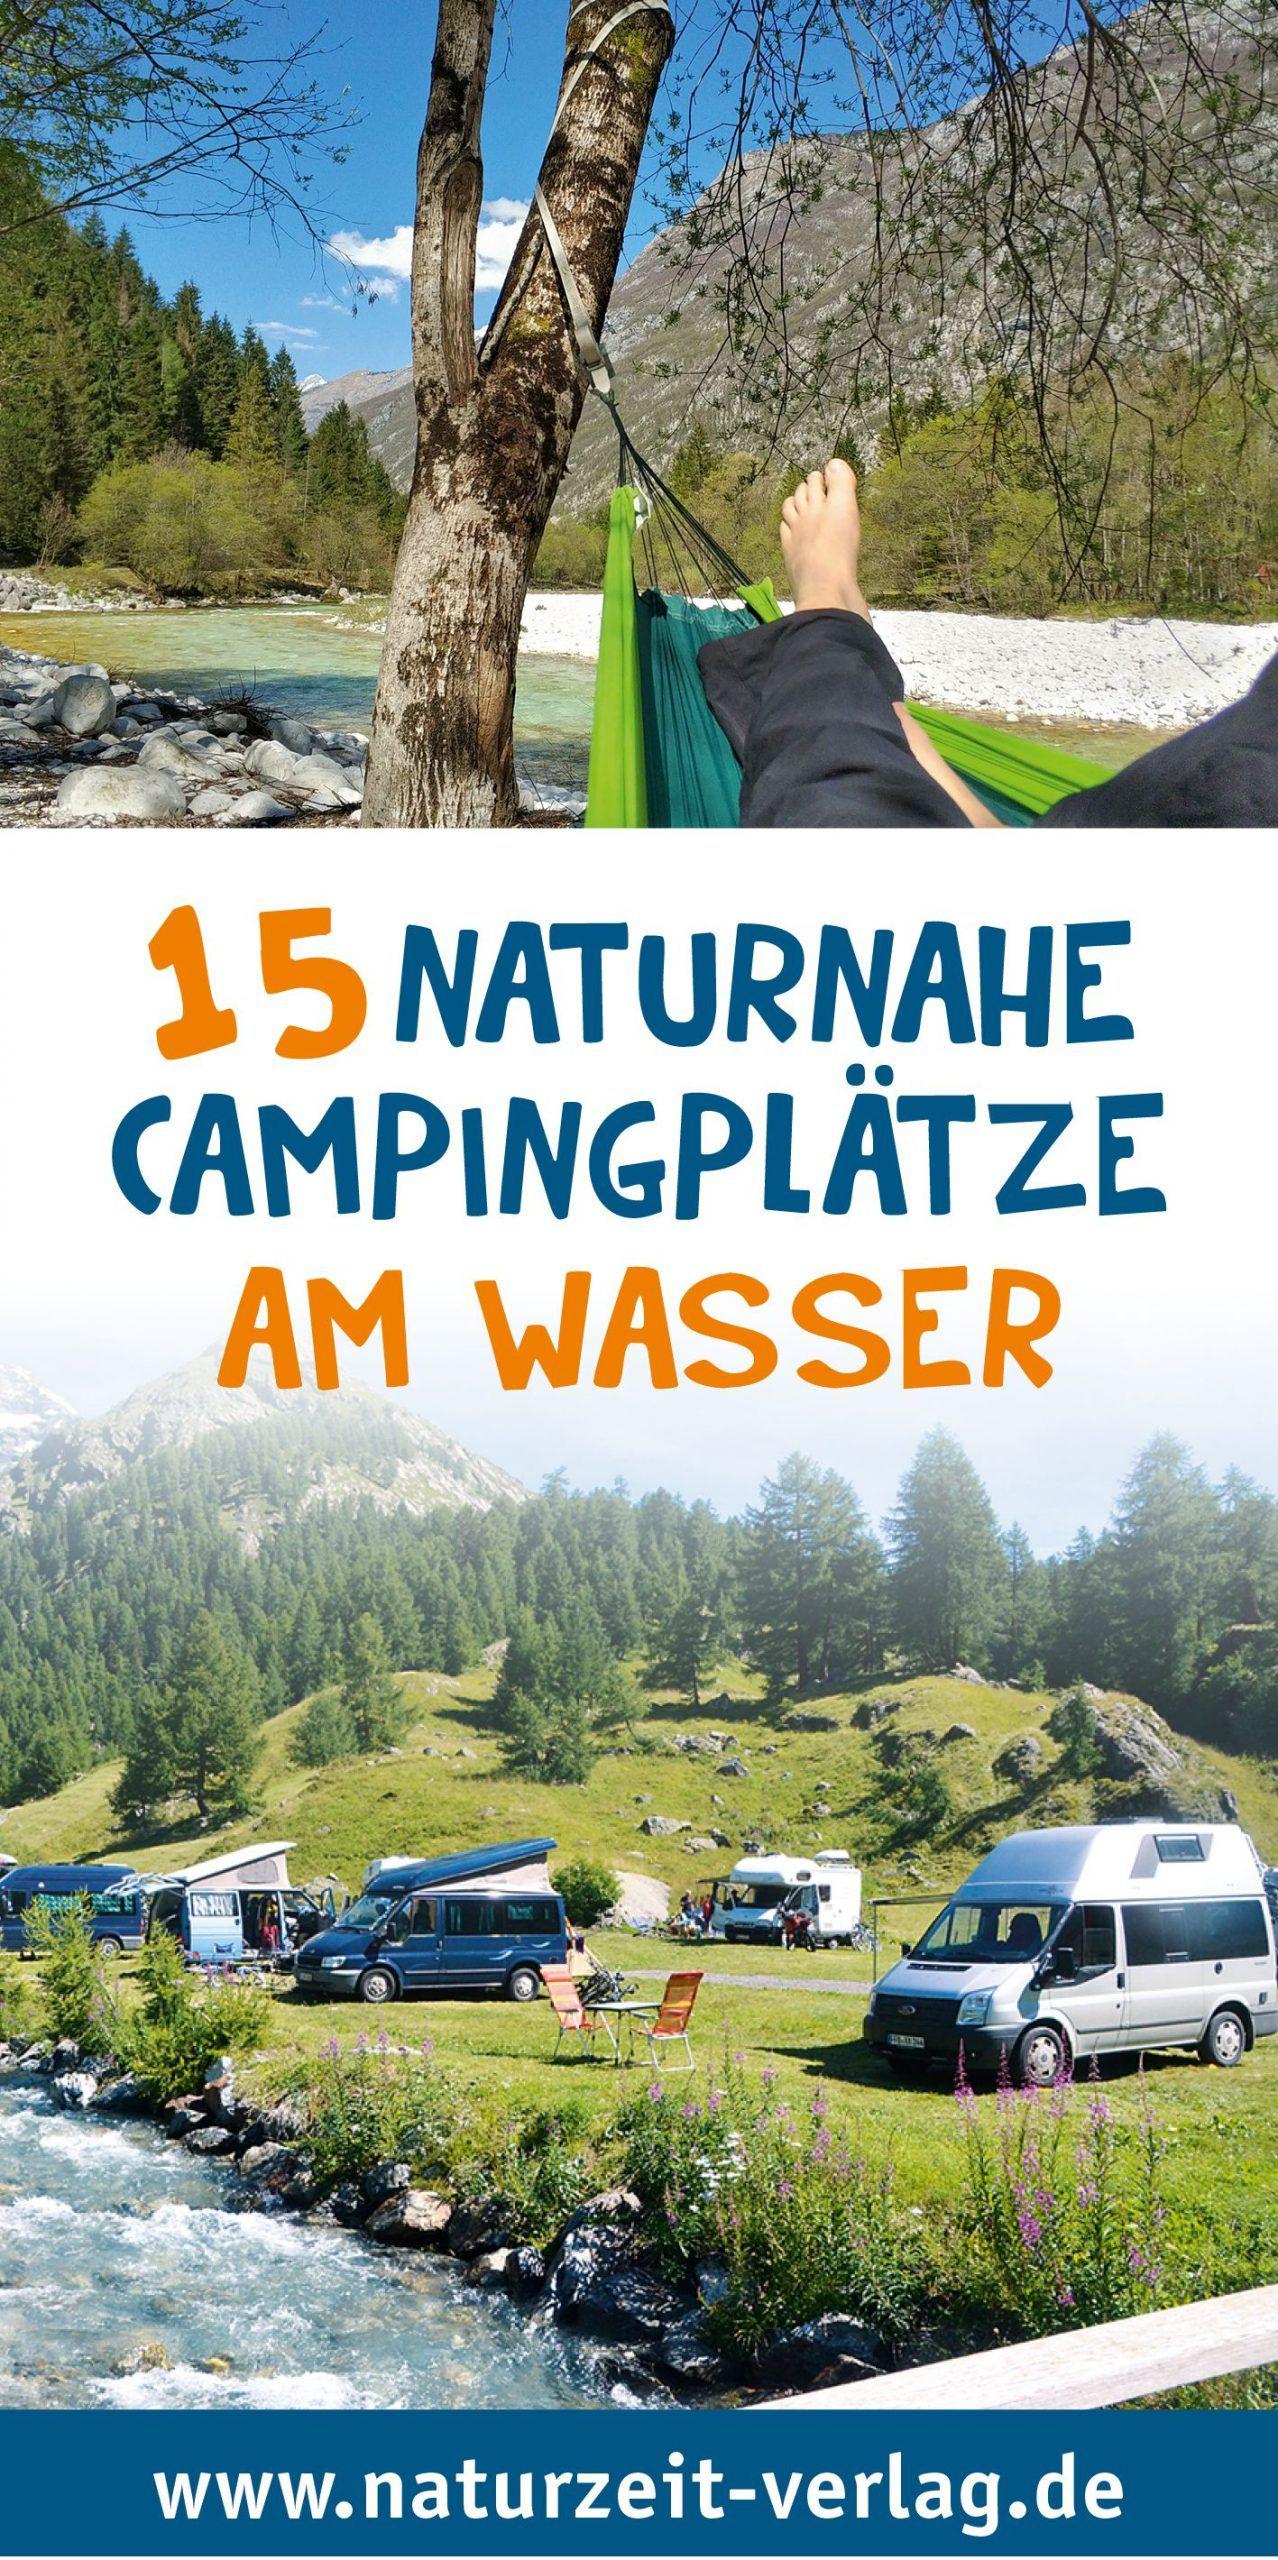 Camping Am Wasser Camping Wasser In 2020 Camping Campsite Camper